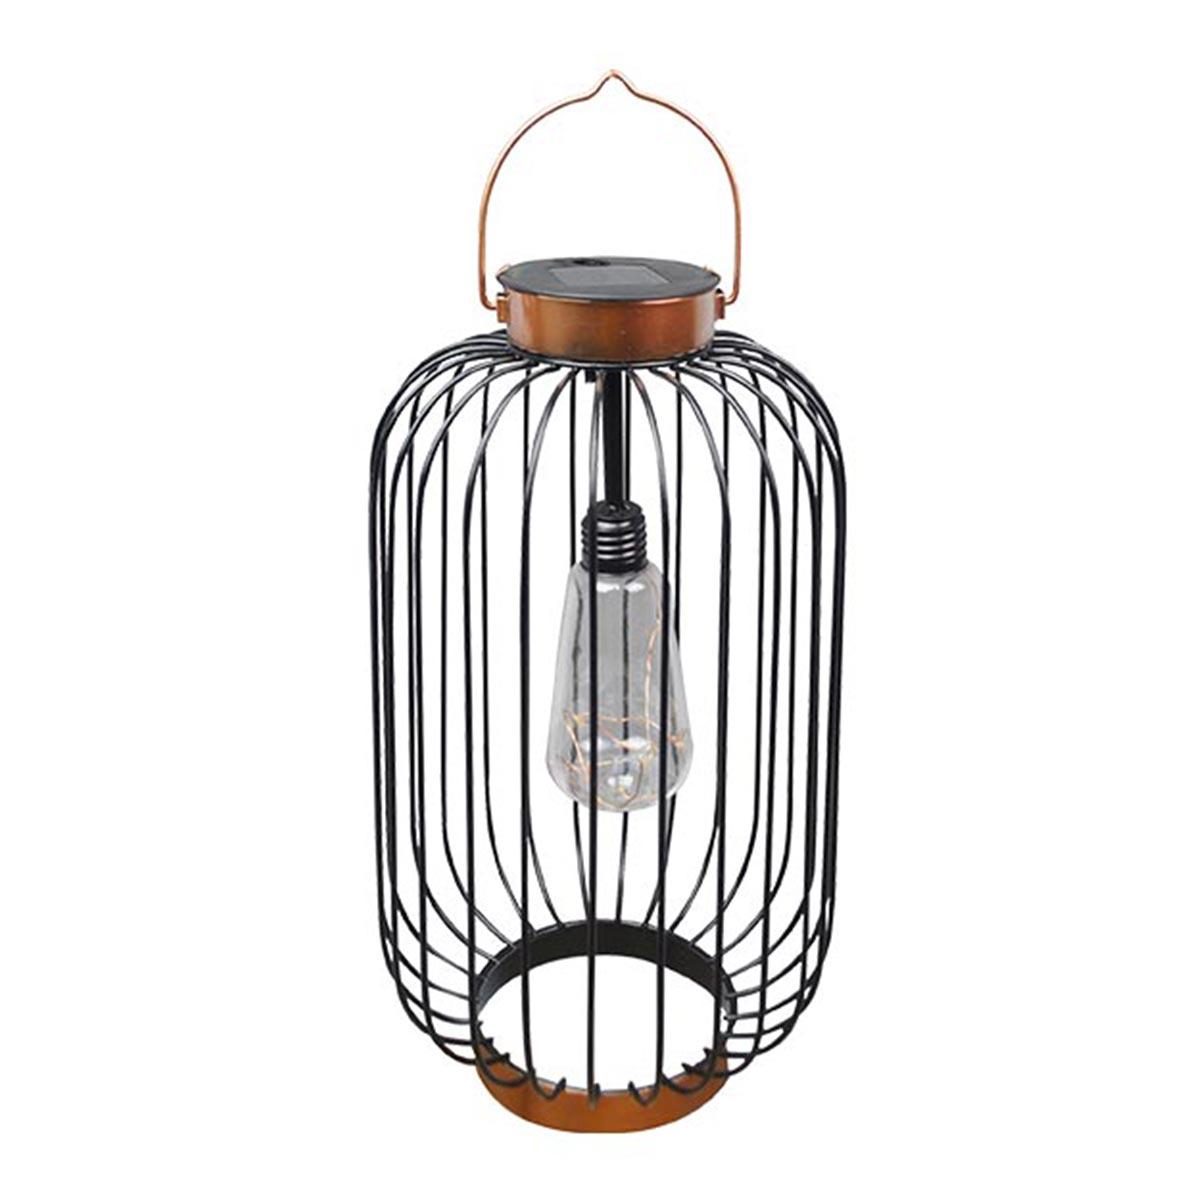 COCO SLIM-Lanterne solaire cage métallique acier noir H41cm